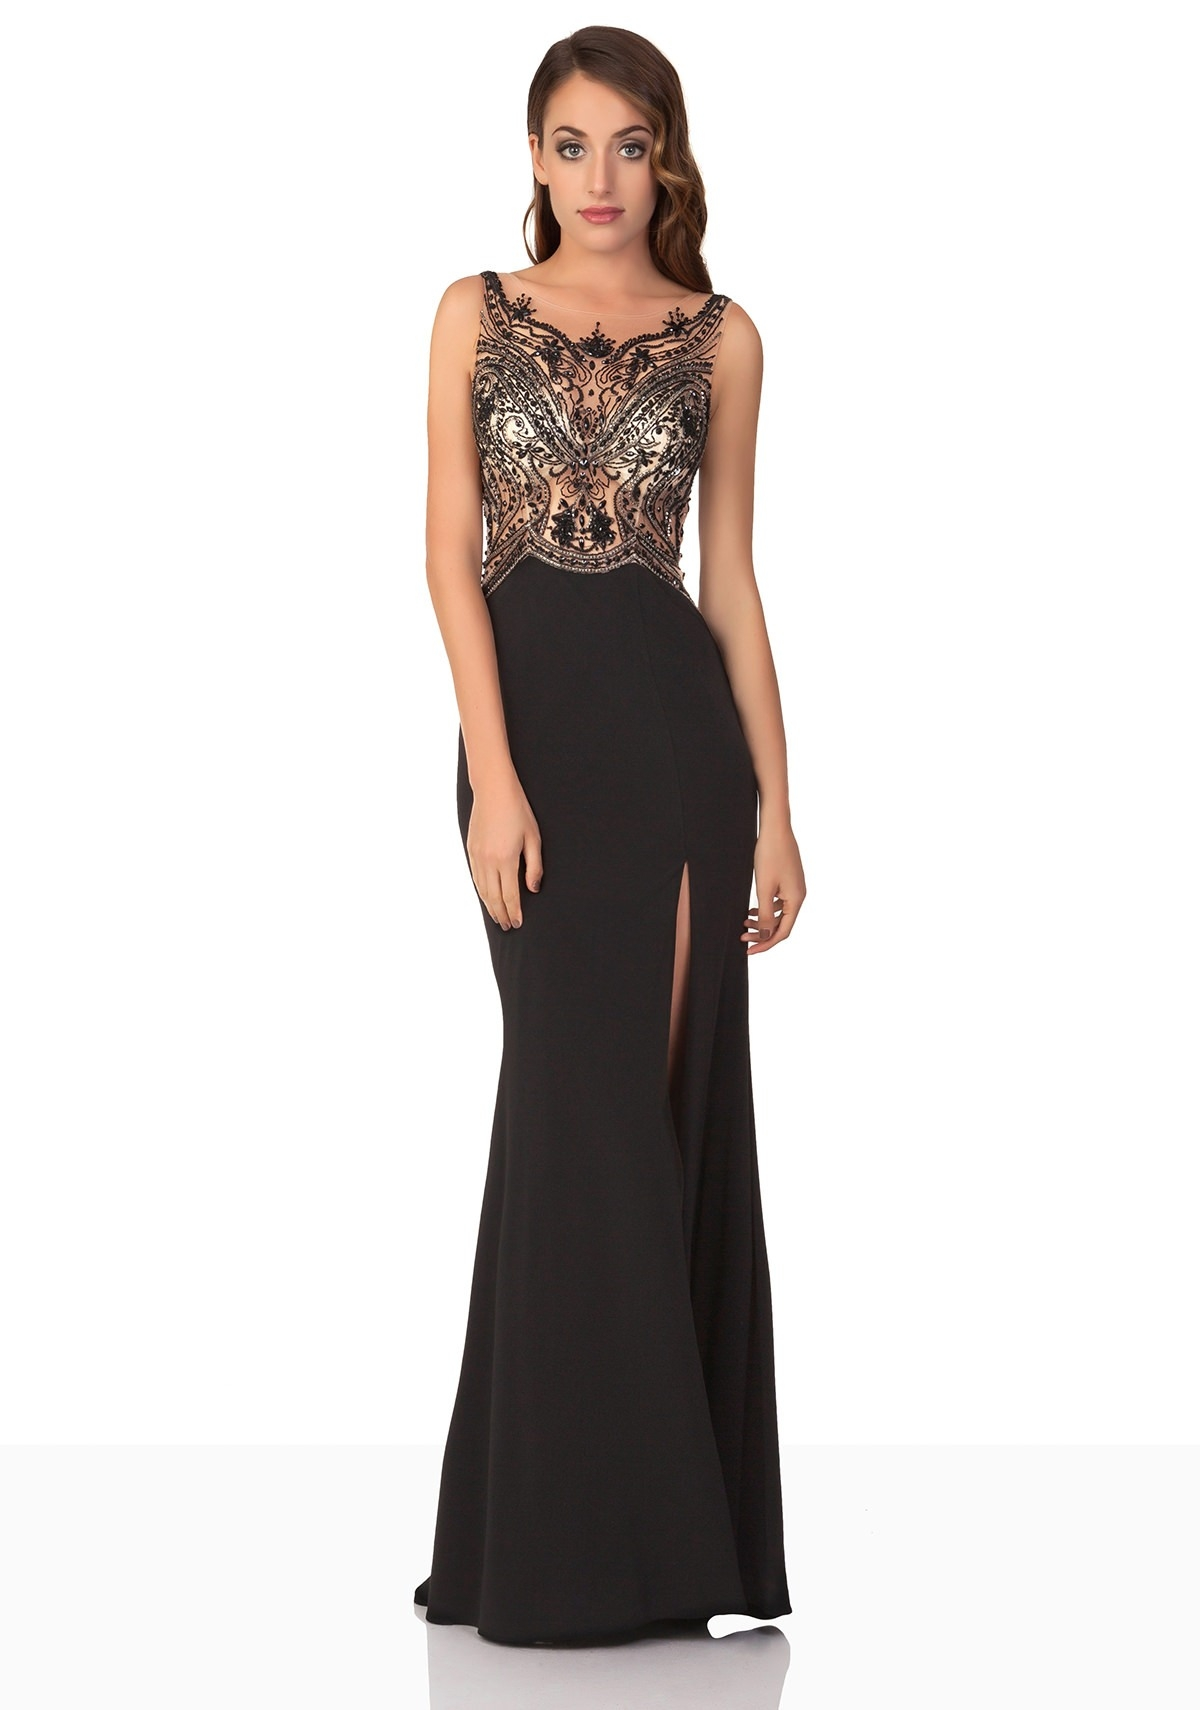 Formal Luxus Abendkleid Schlicht Spezialgebiet15 Fantastisch Abendkleid Schlicht Ärmel